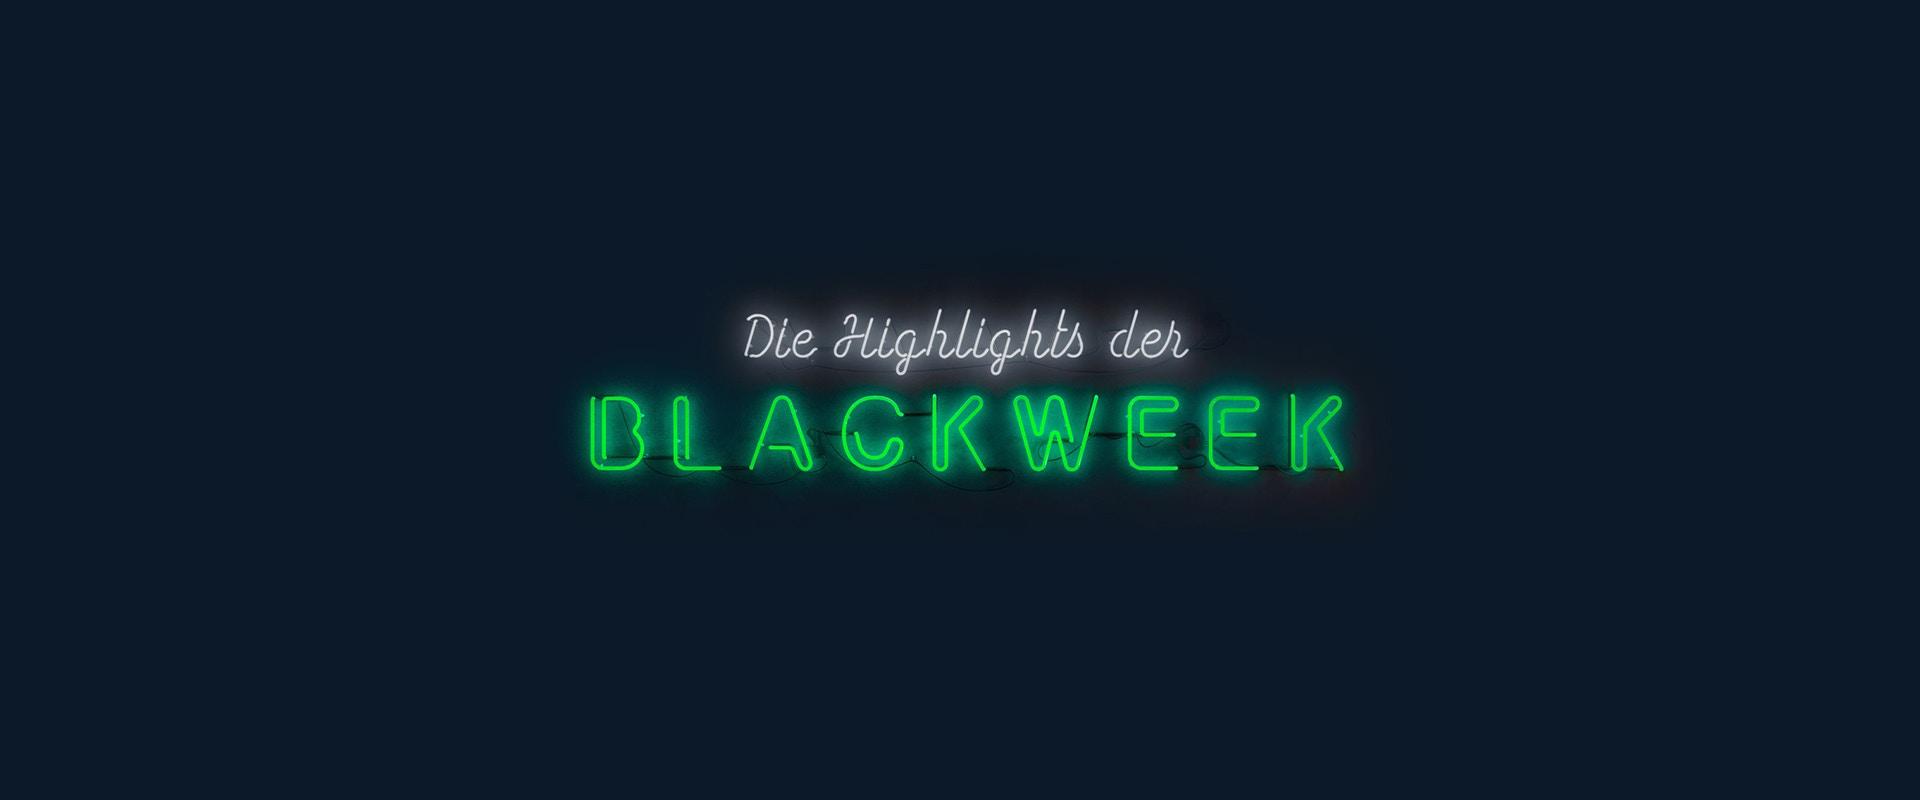 Black Week Schriftzug in Neongrün auf einem schwarzen Hintergrund